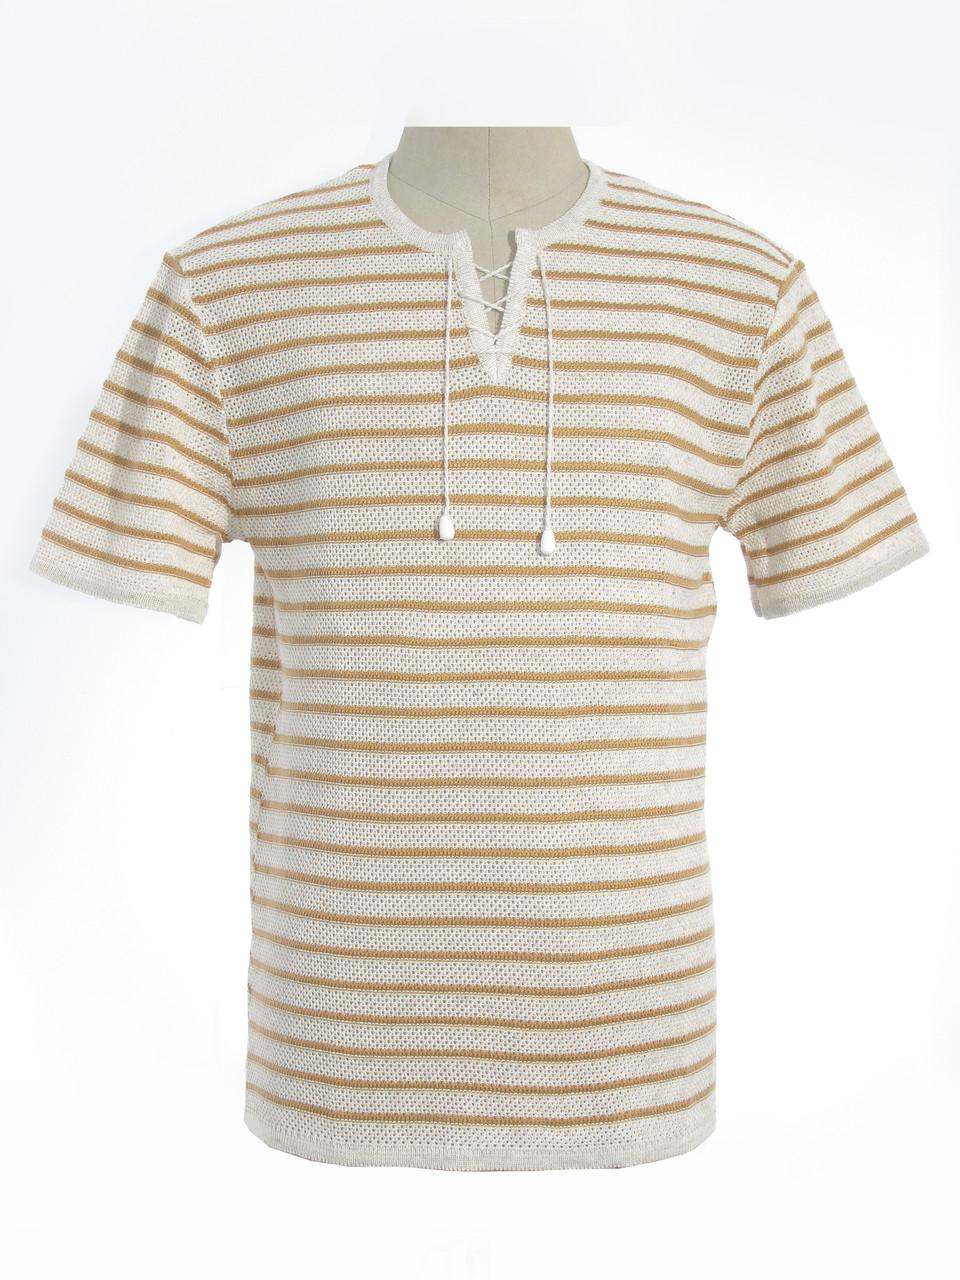 Мужская вязаная футболка 20305